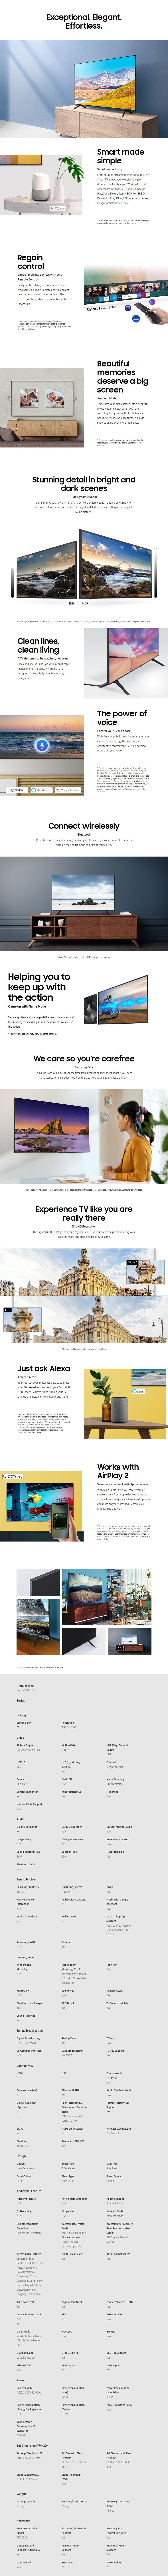 """Samsung Series 8 TU8000 Crystal 55"""" 4K 120Hz UHD Smart LED TV - 2020 Model - Overview 1"""